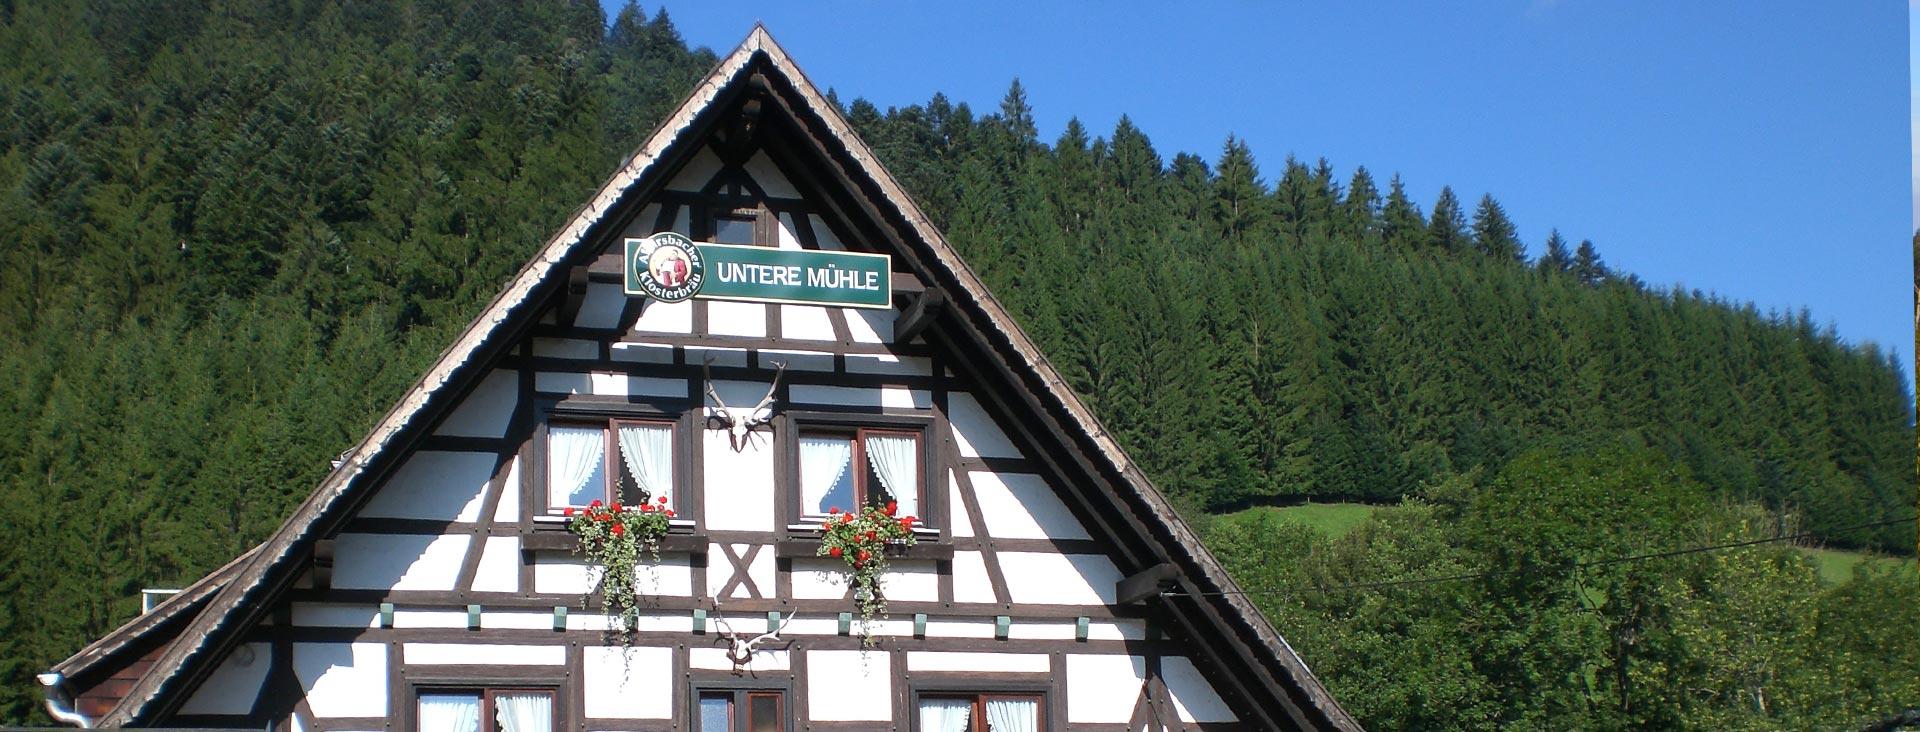 Untere Mühle in Alpirsbach im Kinzigtal / Schwarzwald